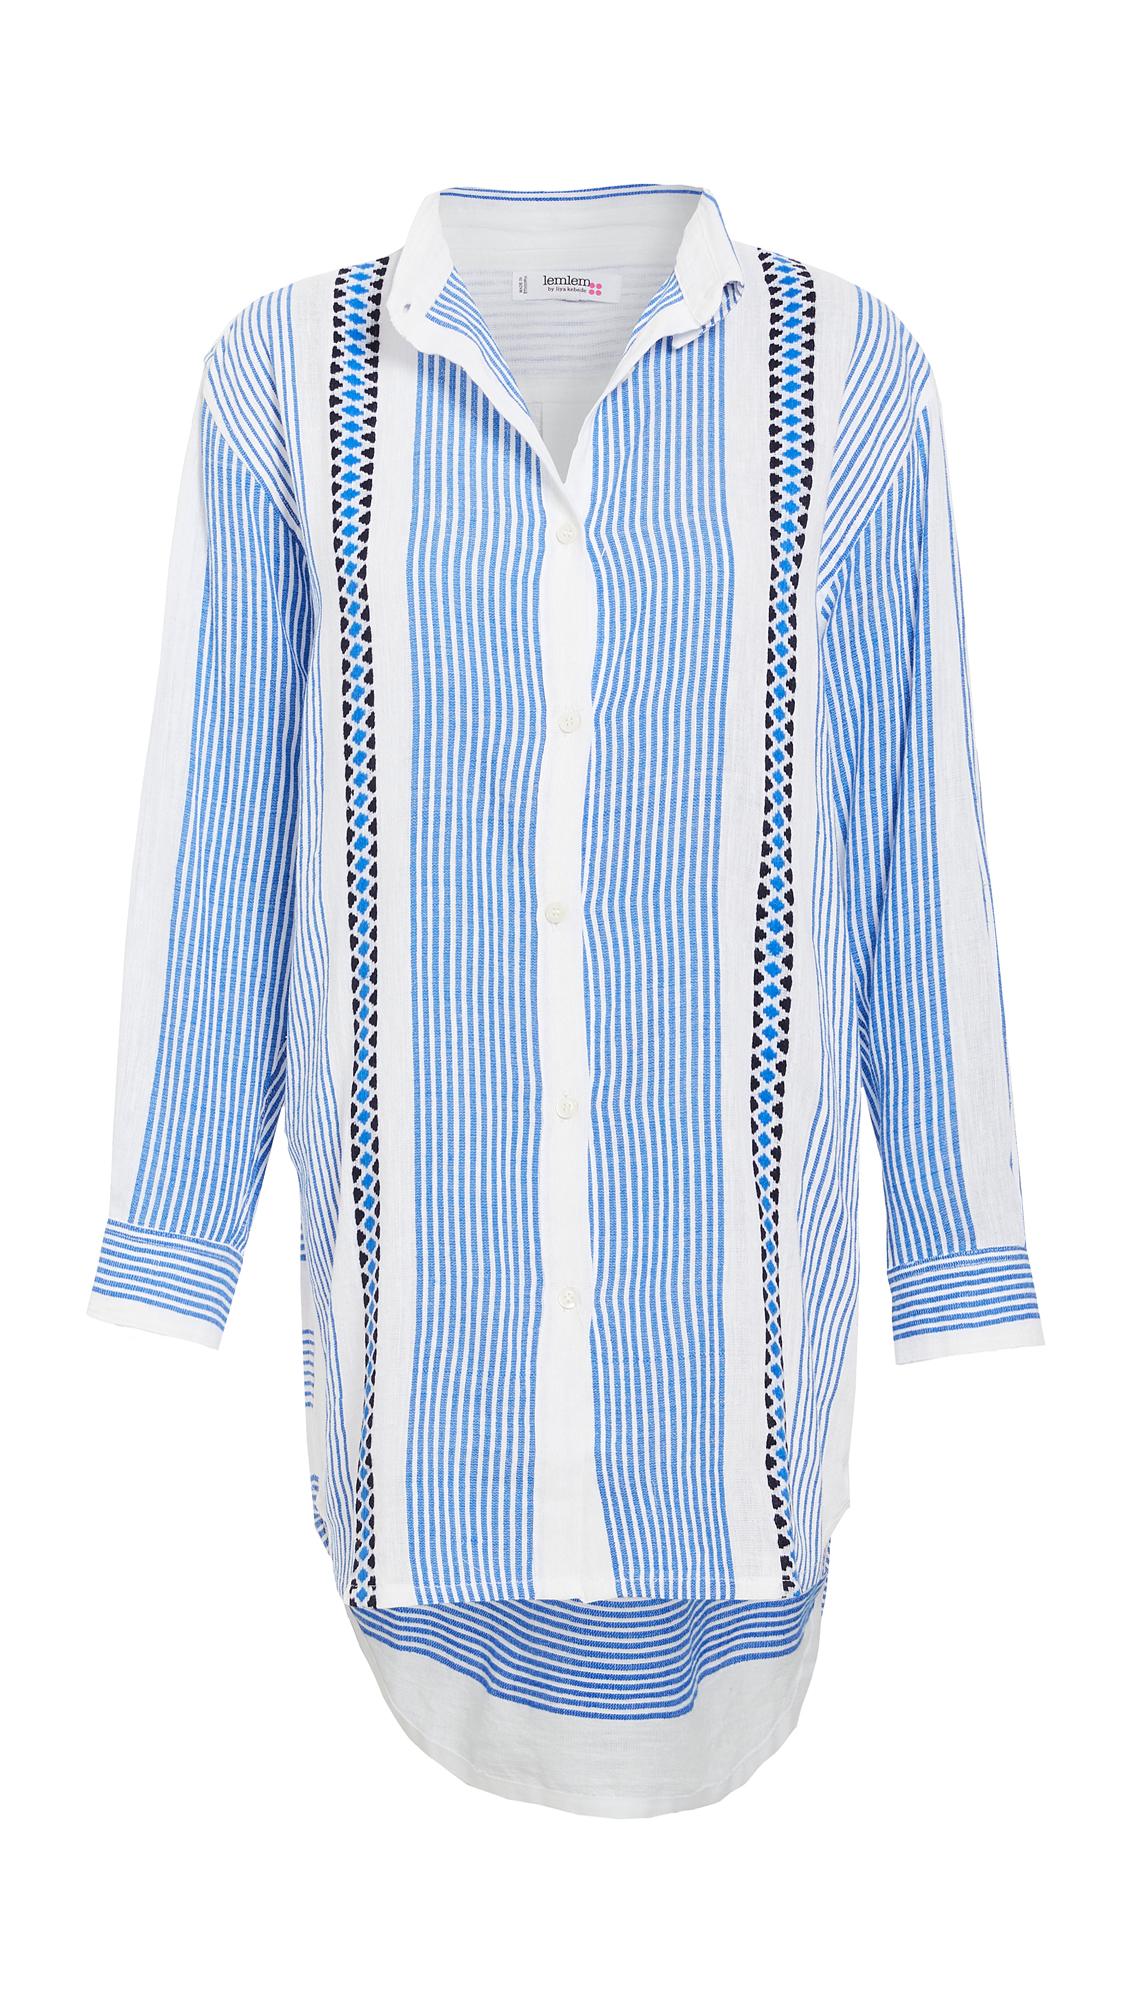 Lemlem Mizan Shirtdress